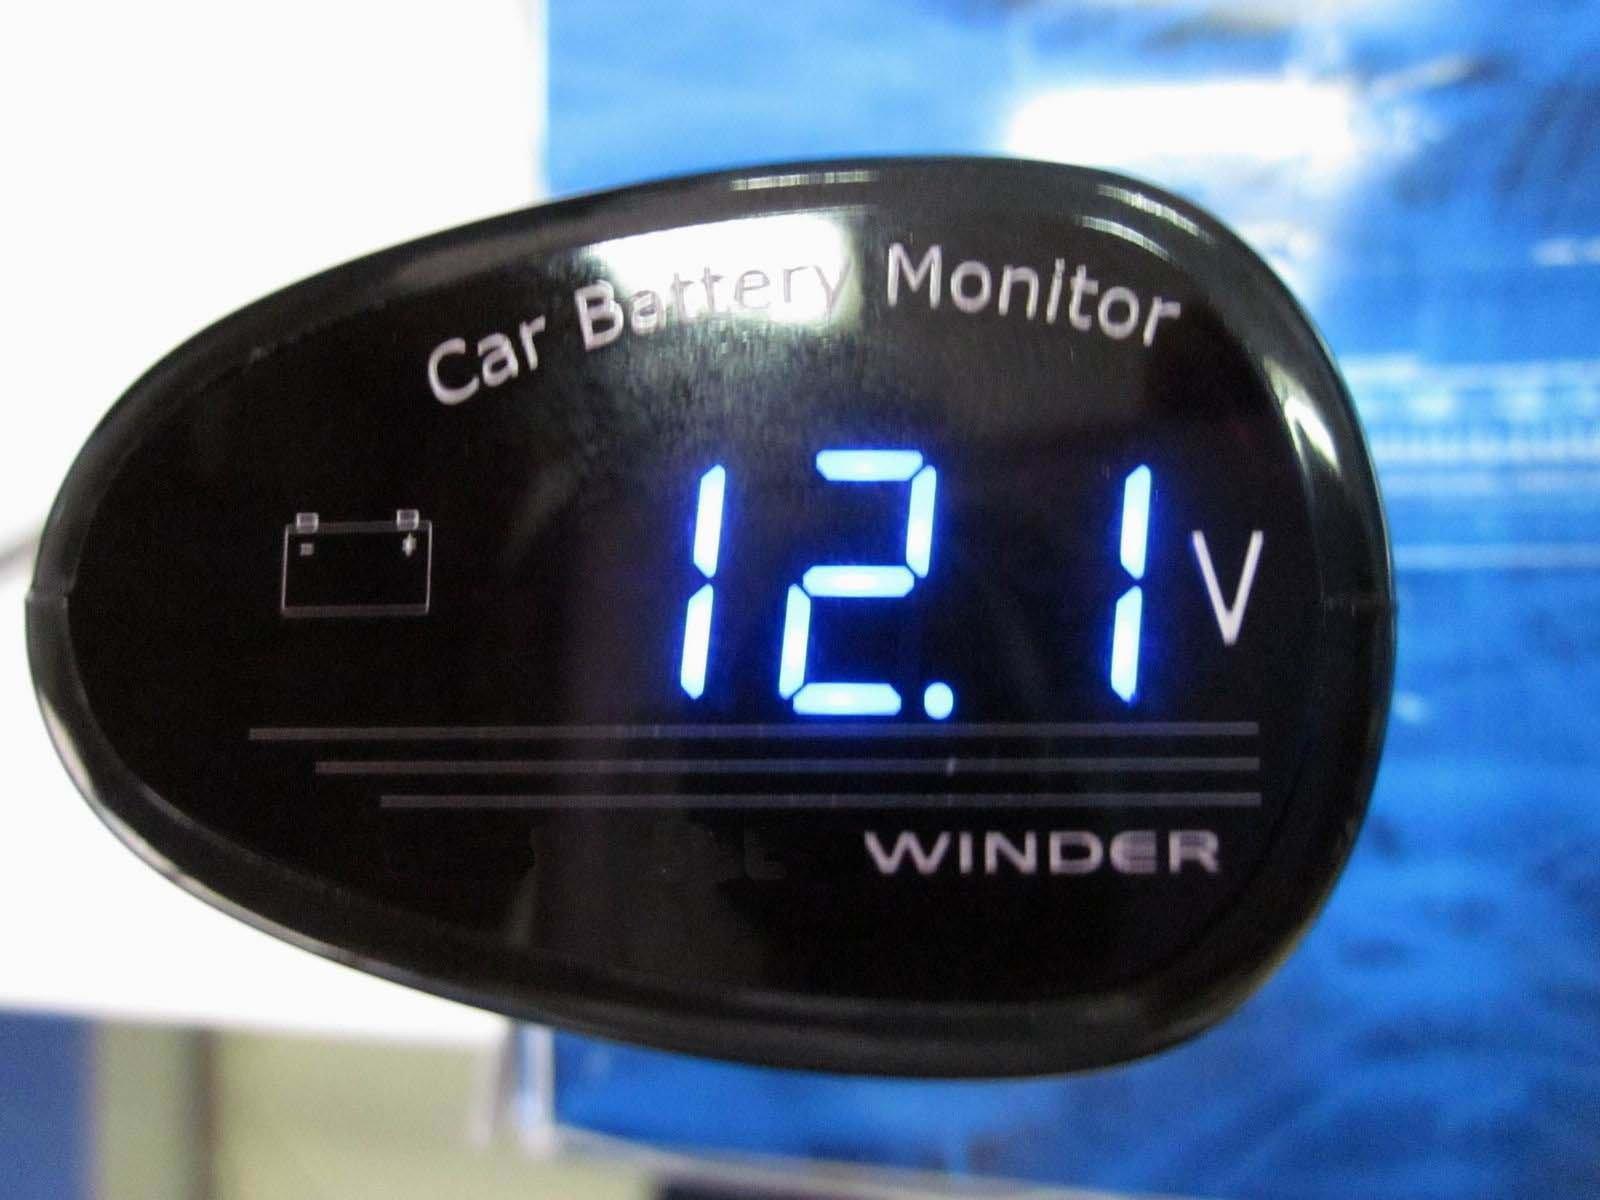 LED Digital Car Volt Voltage Meter Battery Vehicle Car 12v 24v Battery Voltage Meter Monitor Tester Checker